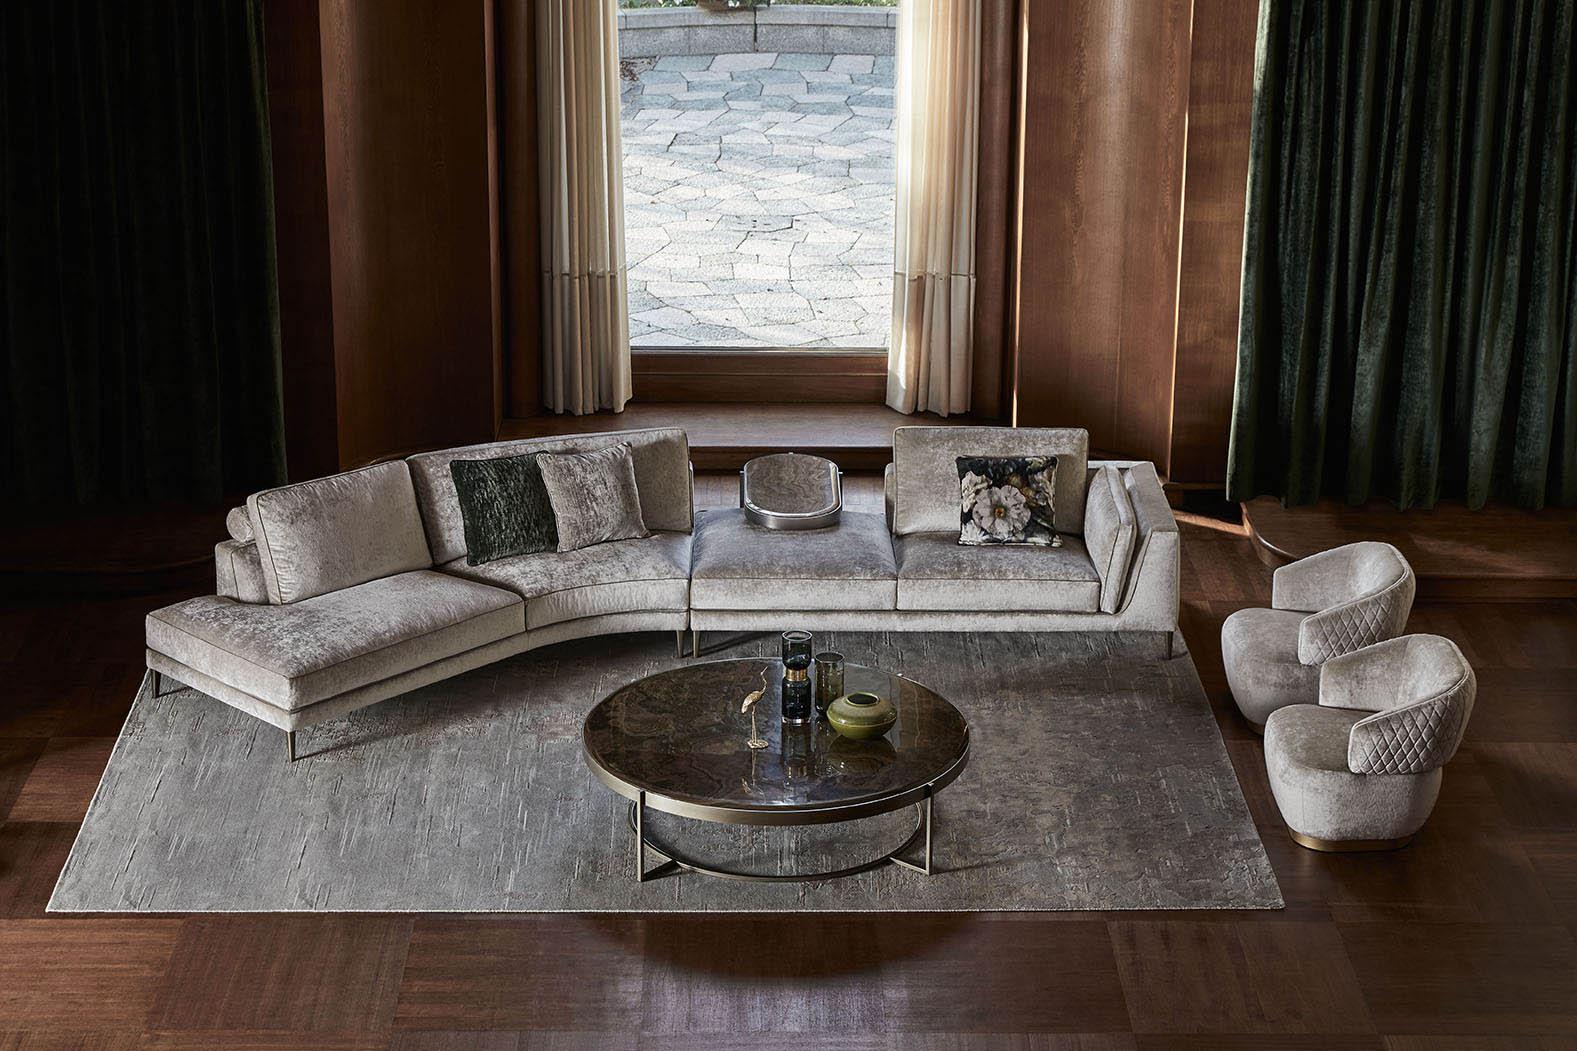 arredamento di lusso moderno classico e di design arredamento di lusso in stile o di design